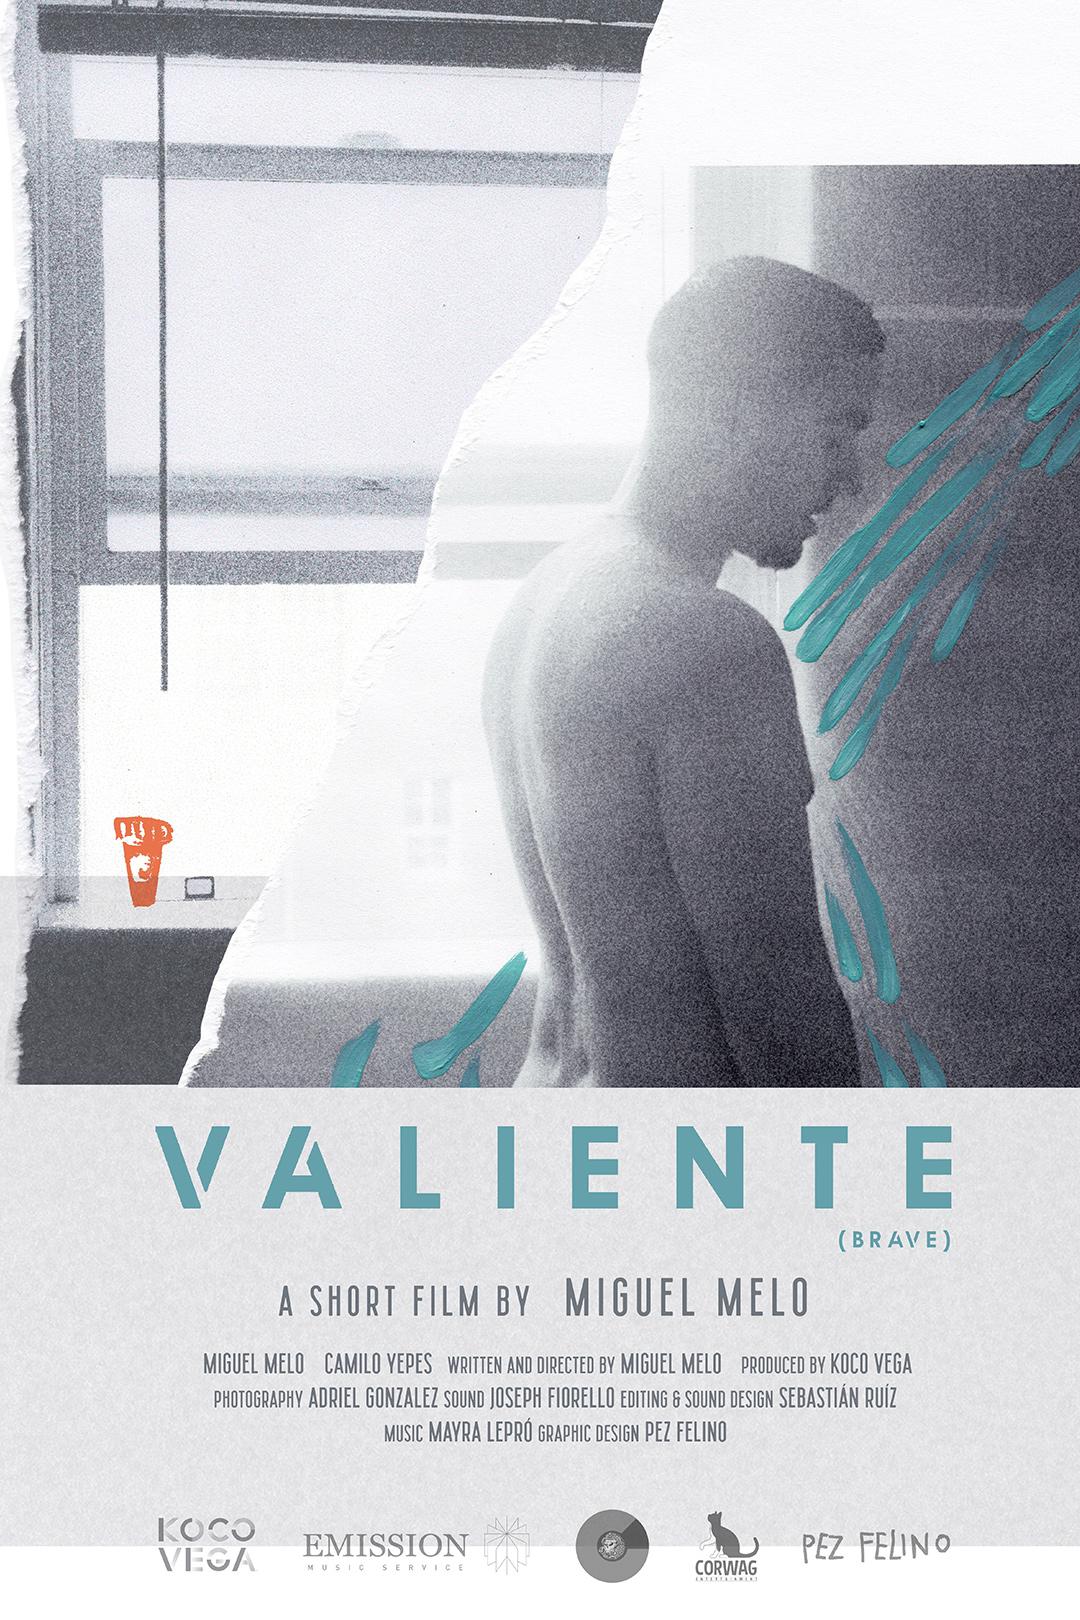 VALIENTEposteringles - Miguel Melo